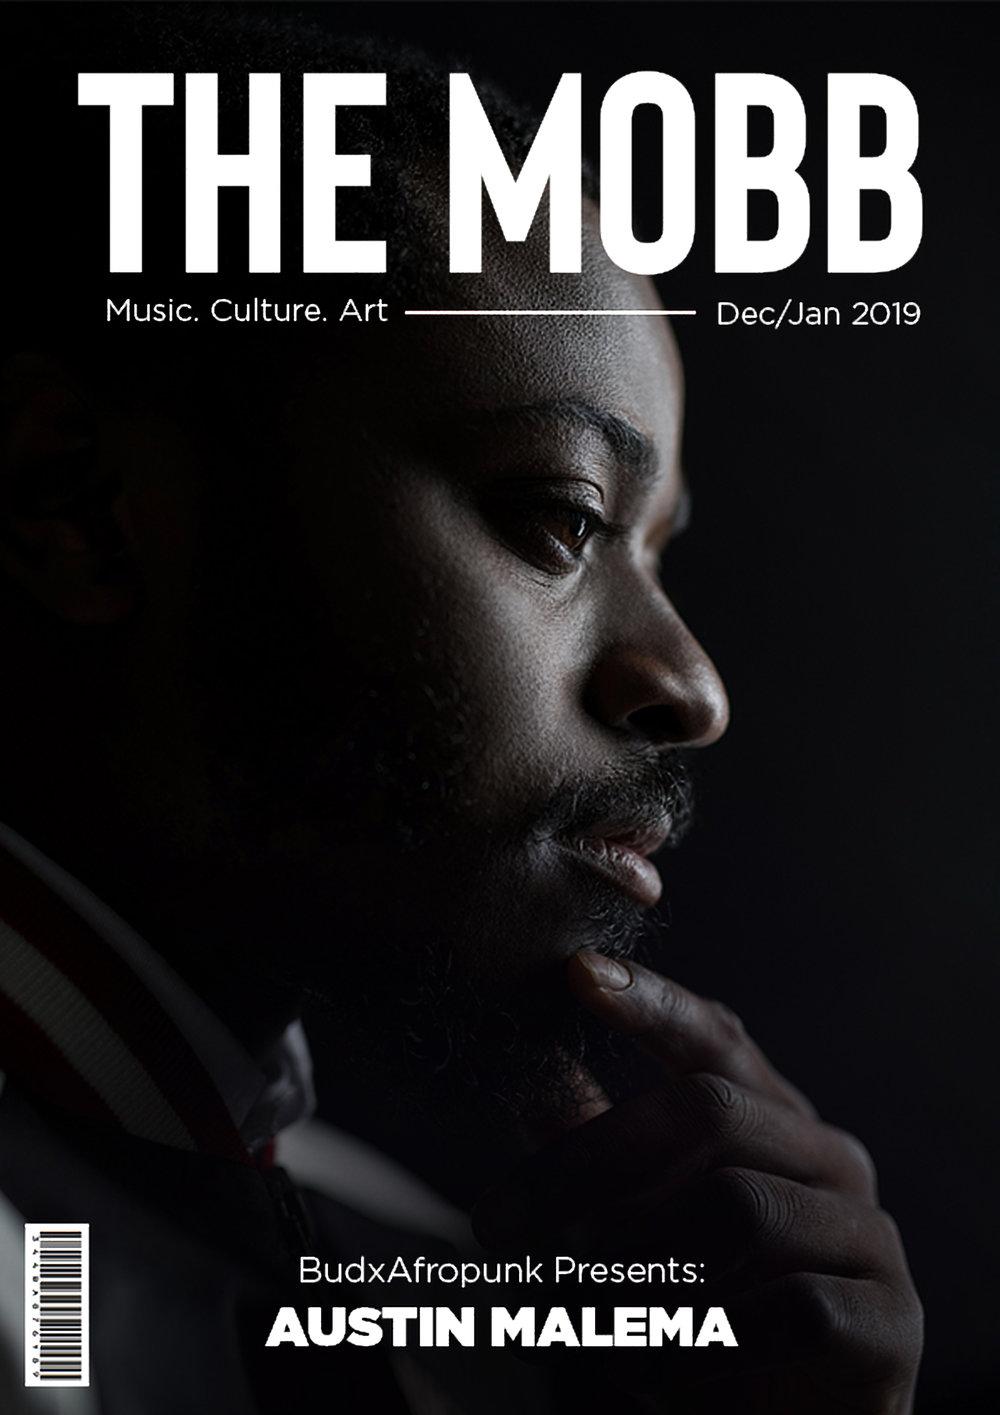 THE-MOBB.v1.jpg